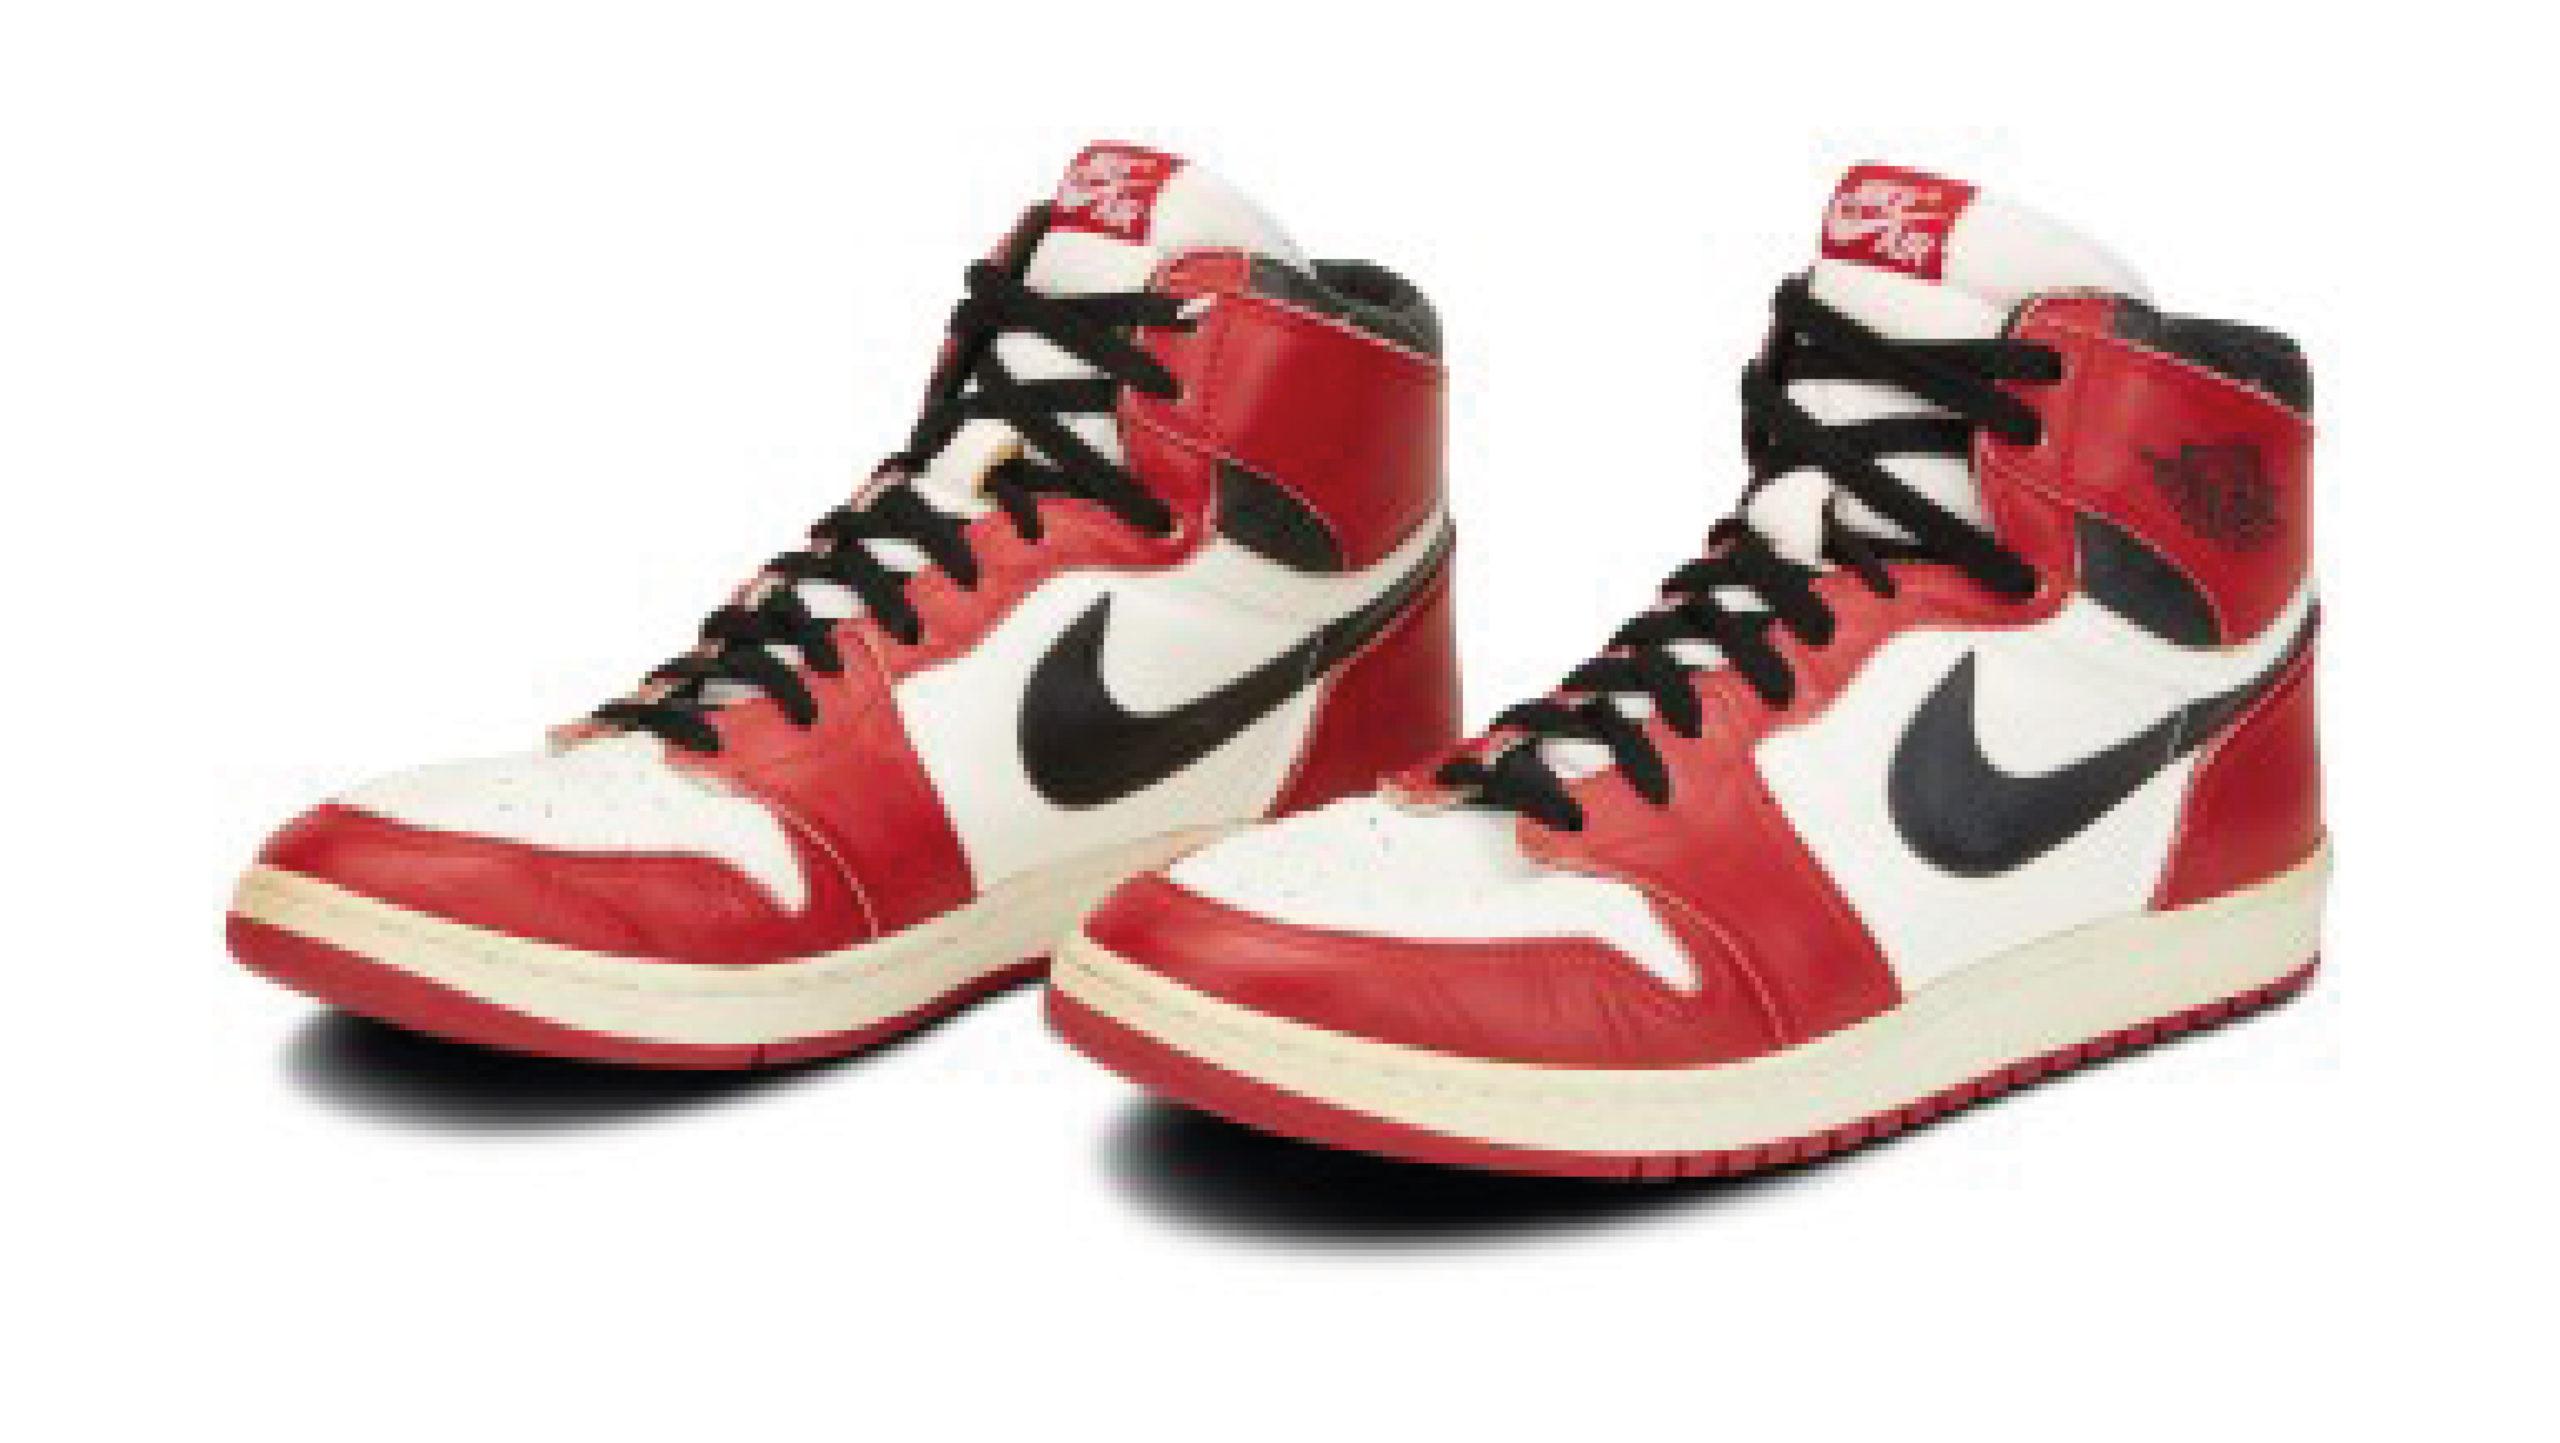 Tenis de Michael Jordan superarán 100,000 dólares en subasta, estiman